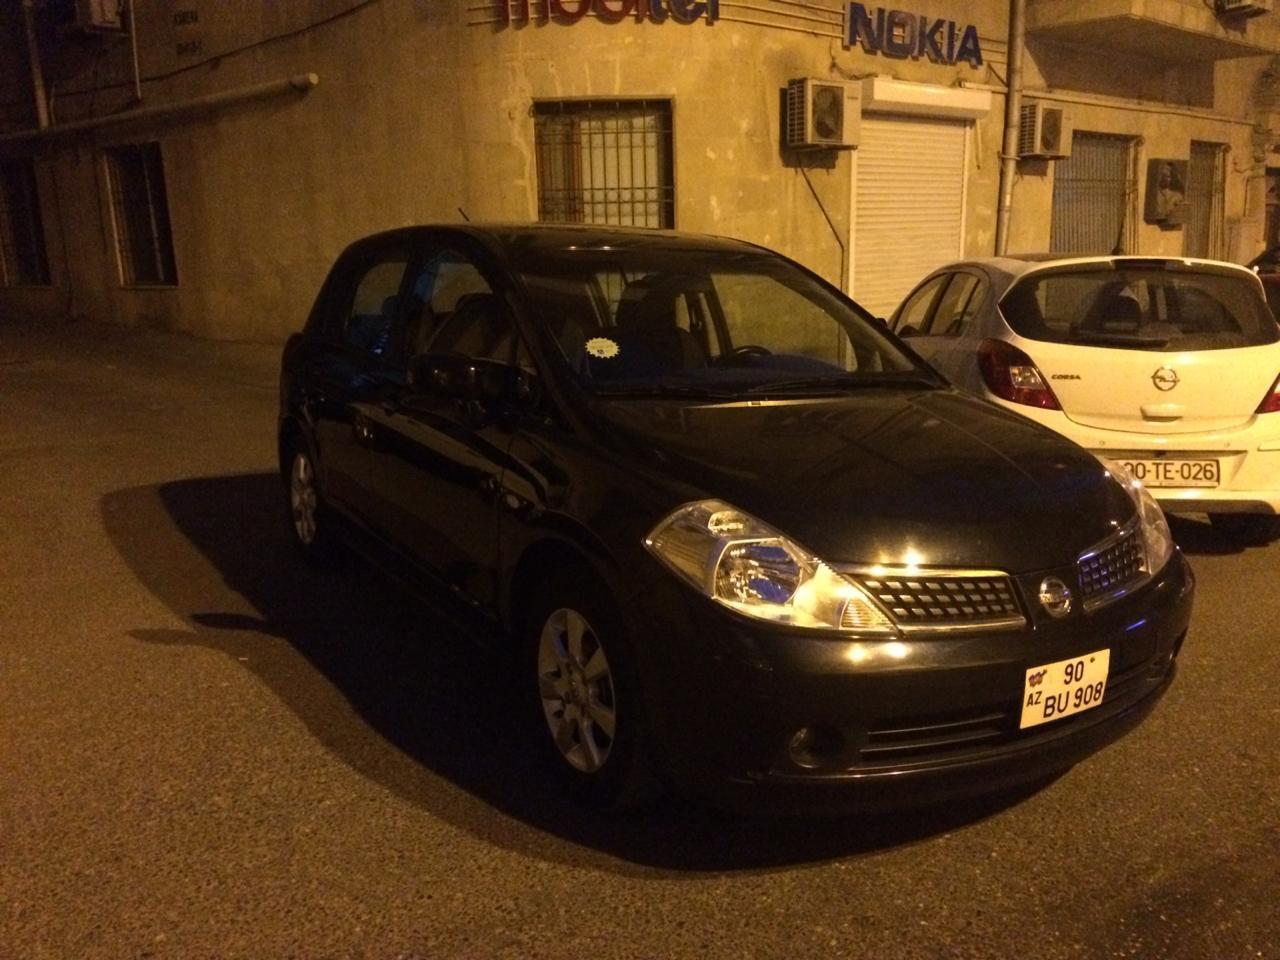 Nissan Tiida 1.8(lt) 2008 İkinci əl  $13000